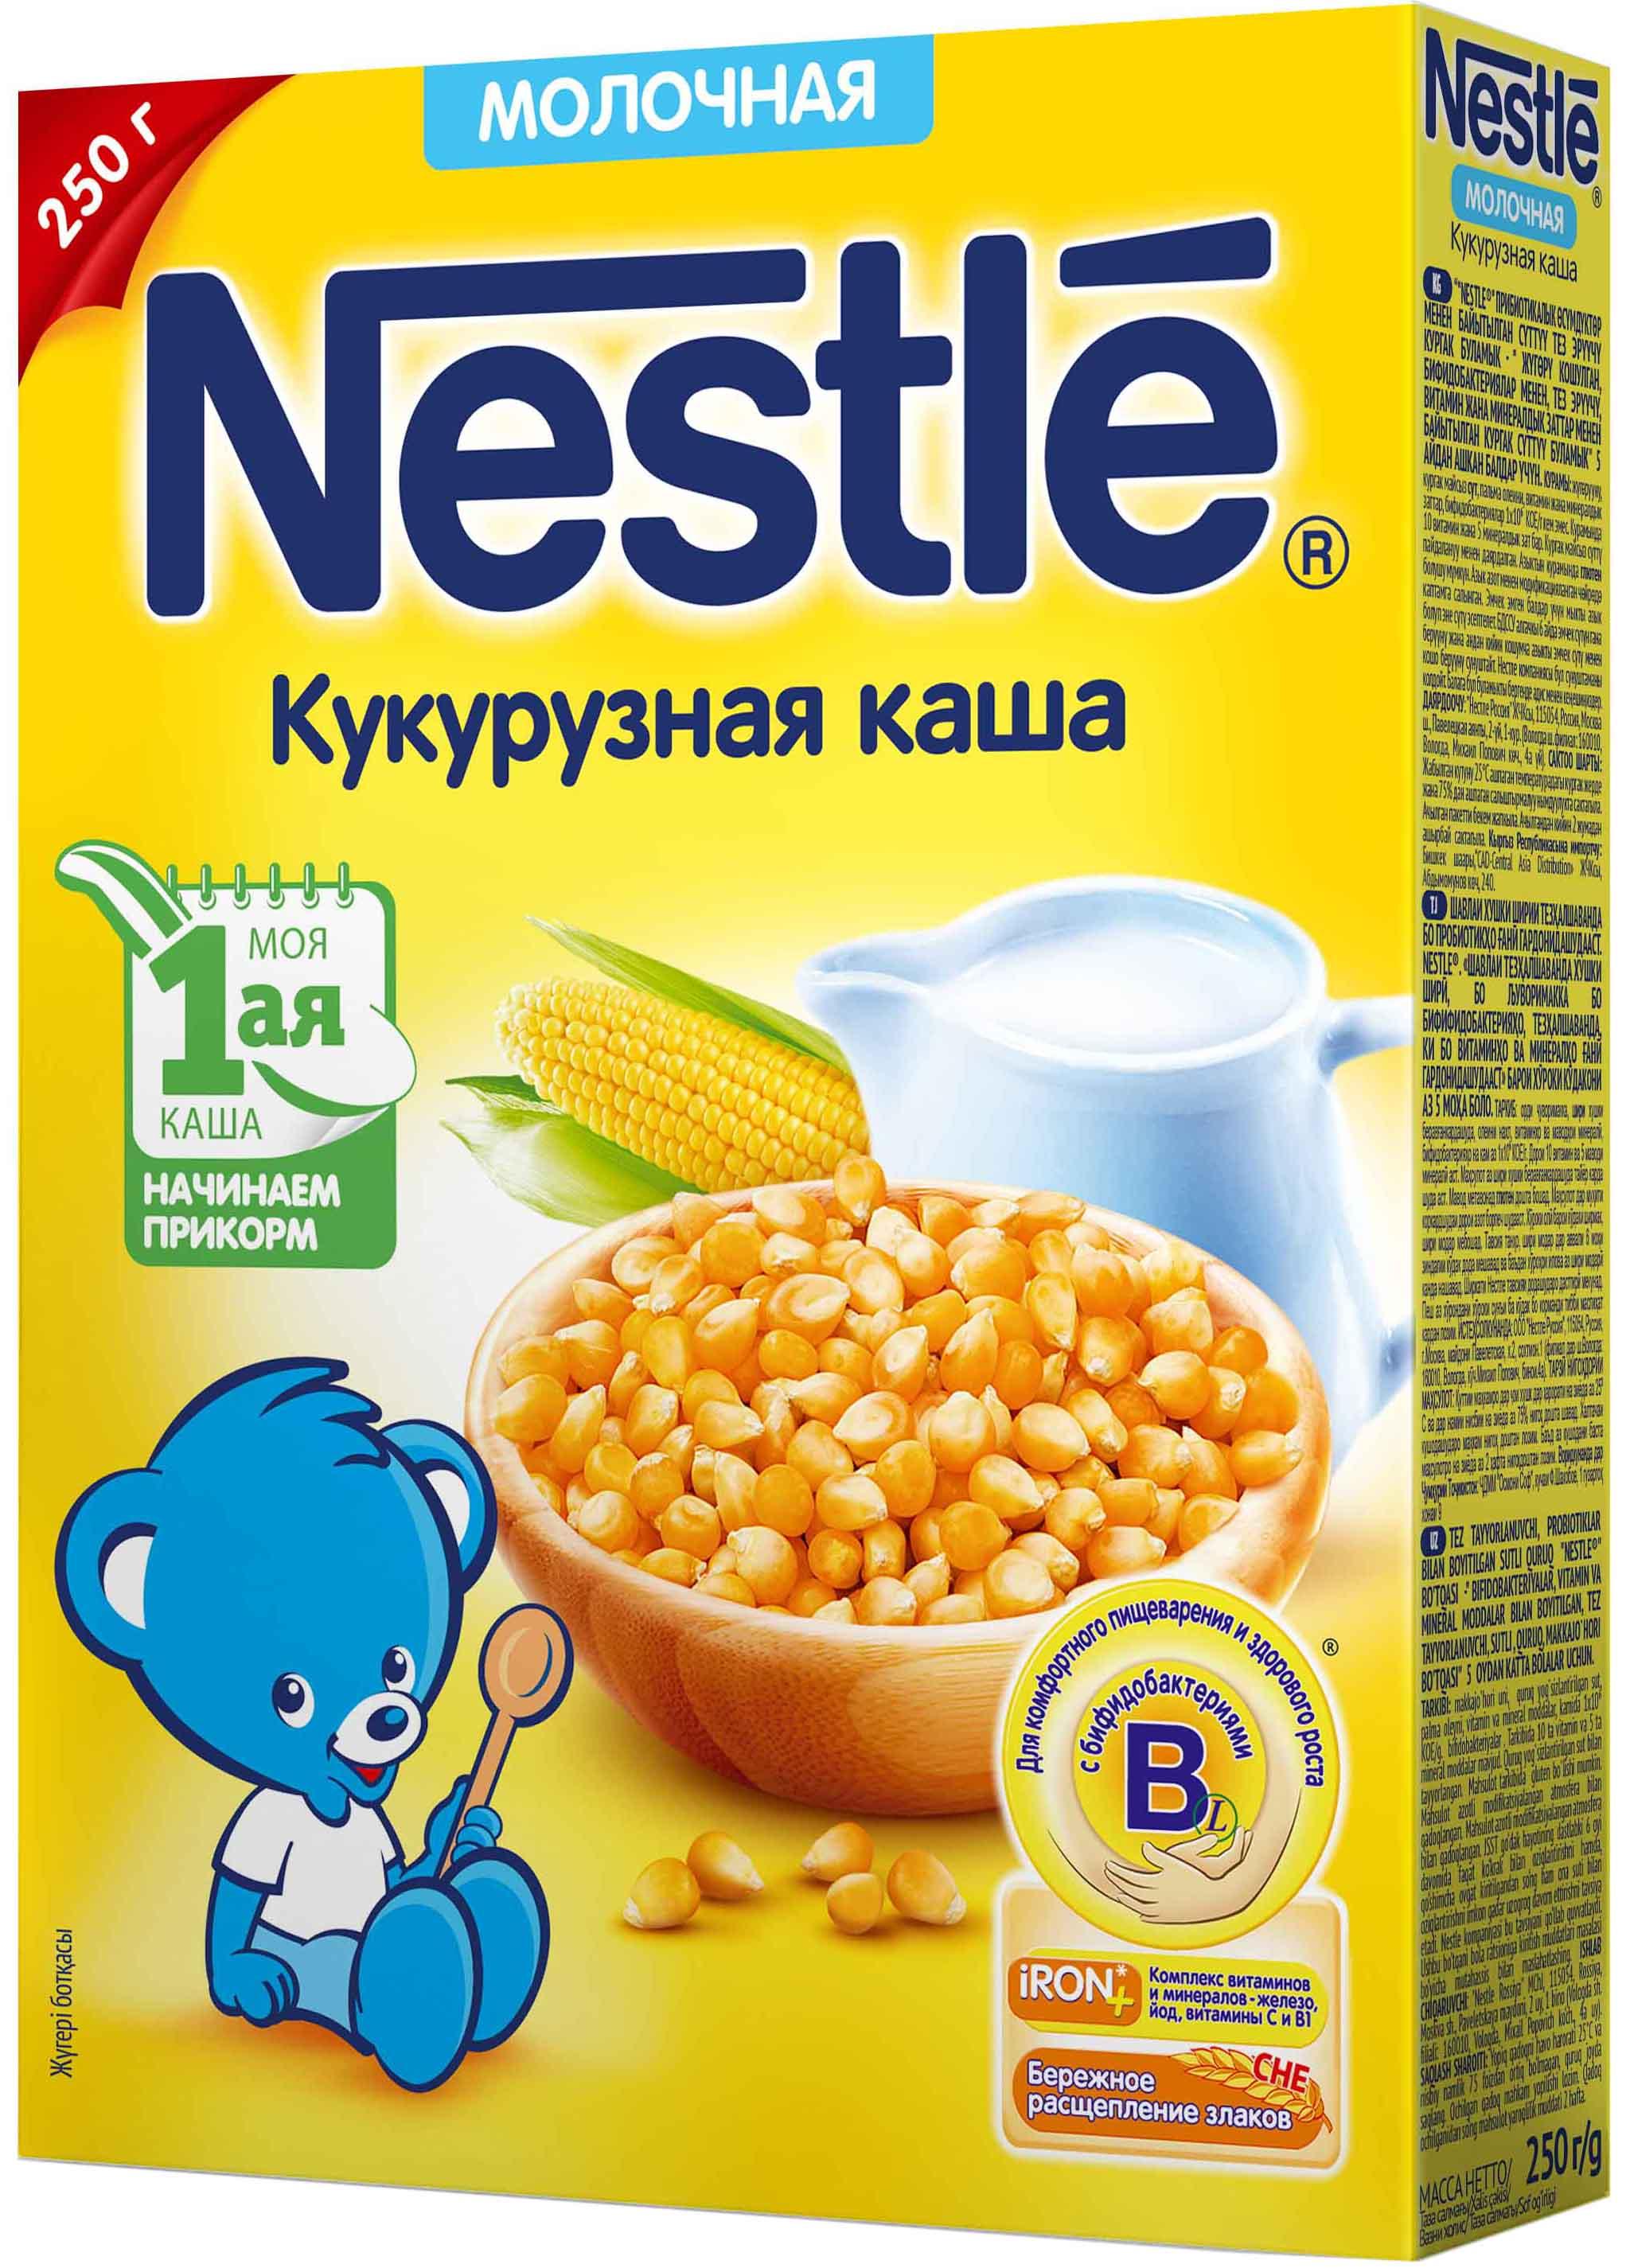 Каши Nestle Каша Nestle молочная кукурузная с 5 мес. 250 г каши nestle каша сухая молочная пшеничная с тыквой с 5 мес 220 г